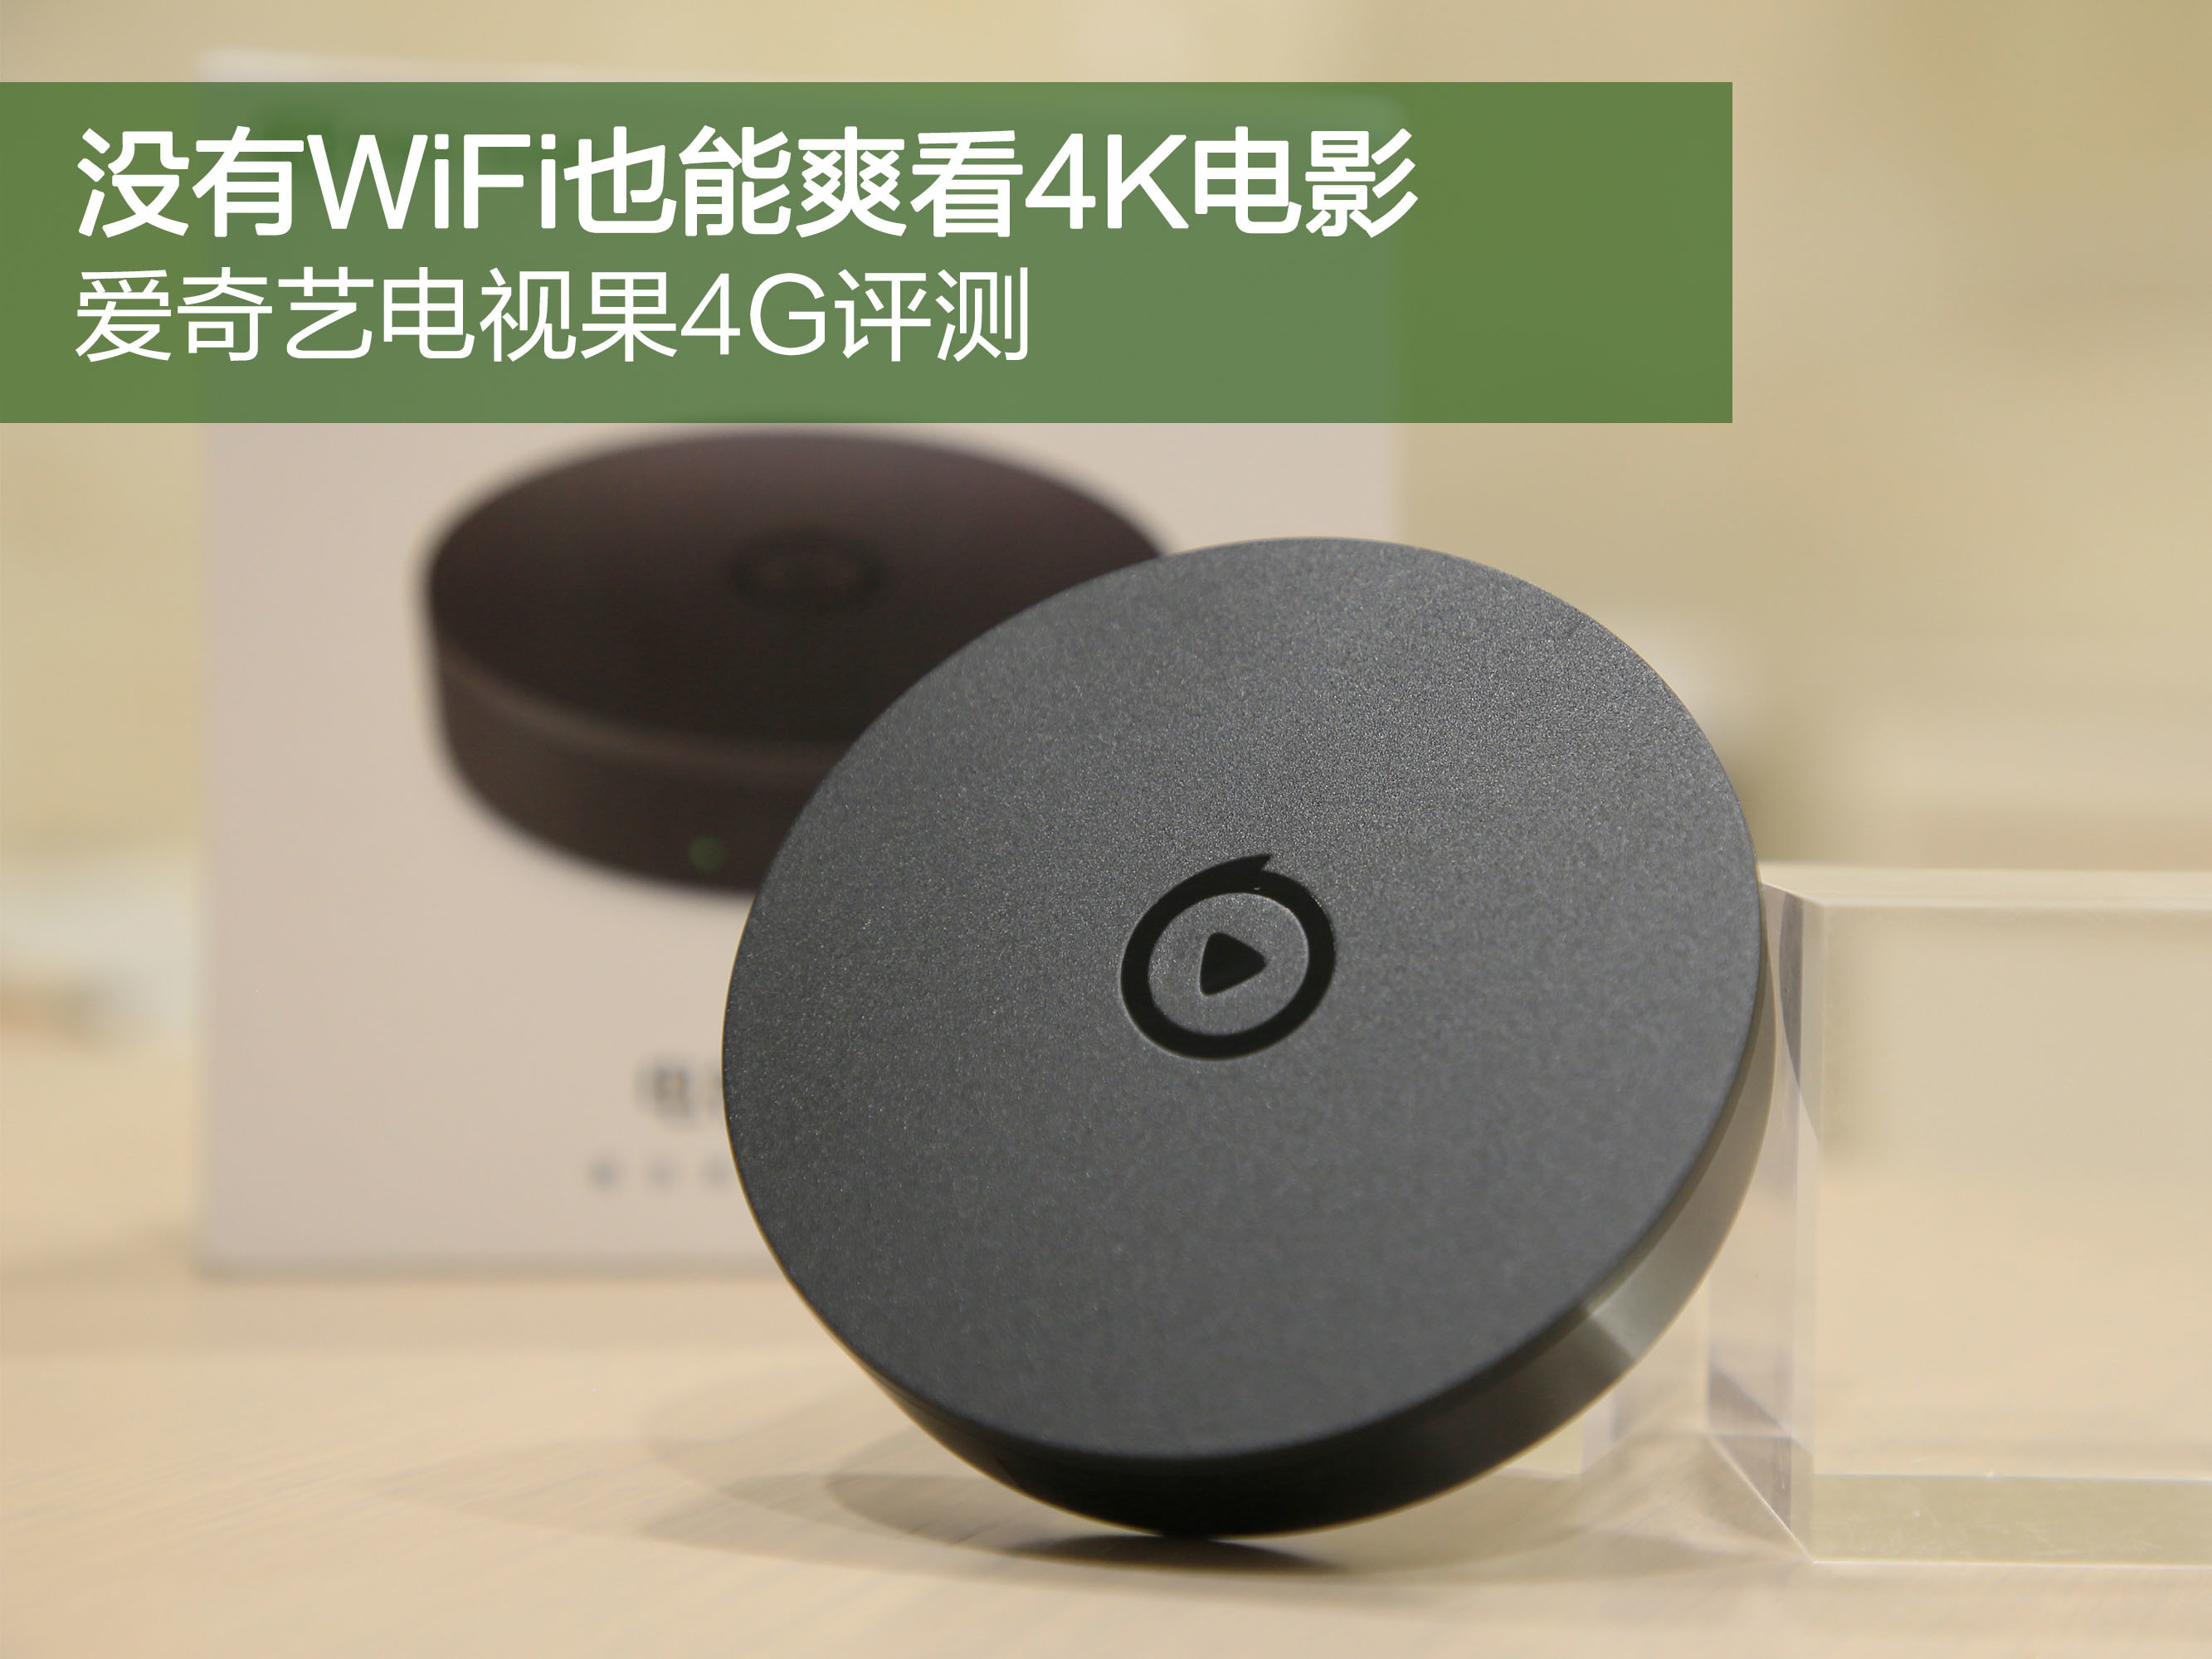 爱奇艺电视果4G评测 内置无线热点功能可自建局域网络